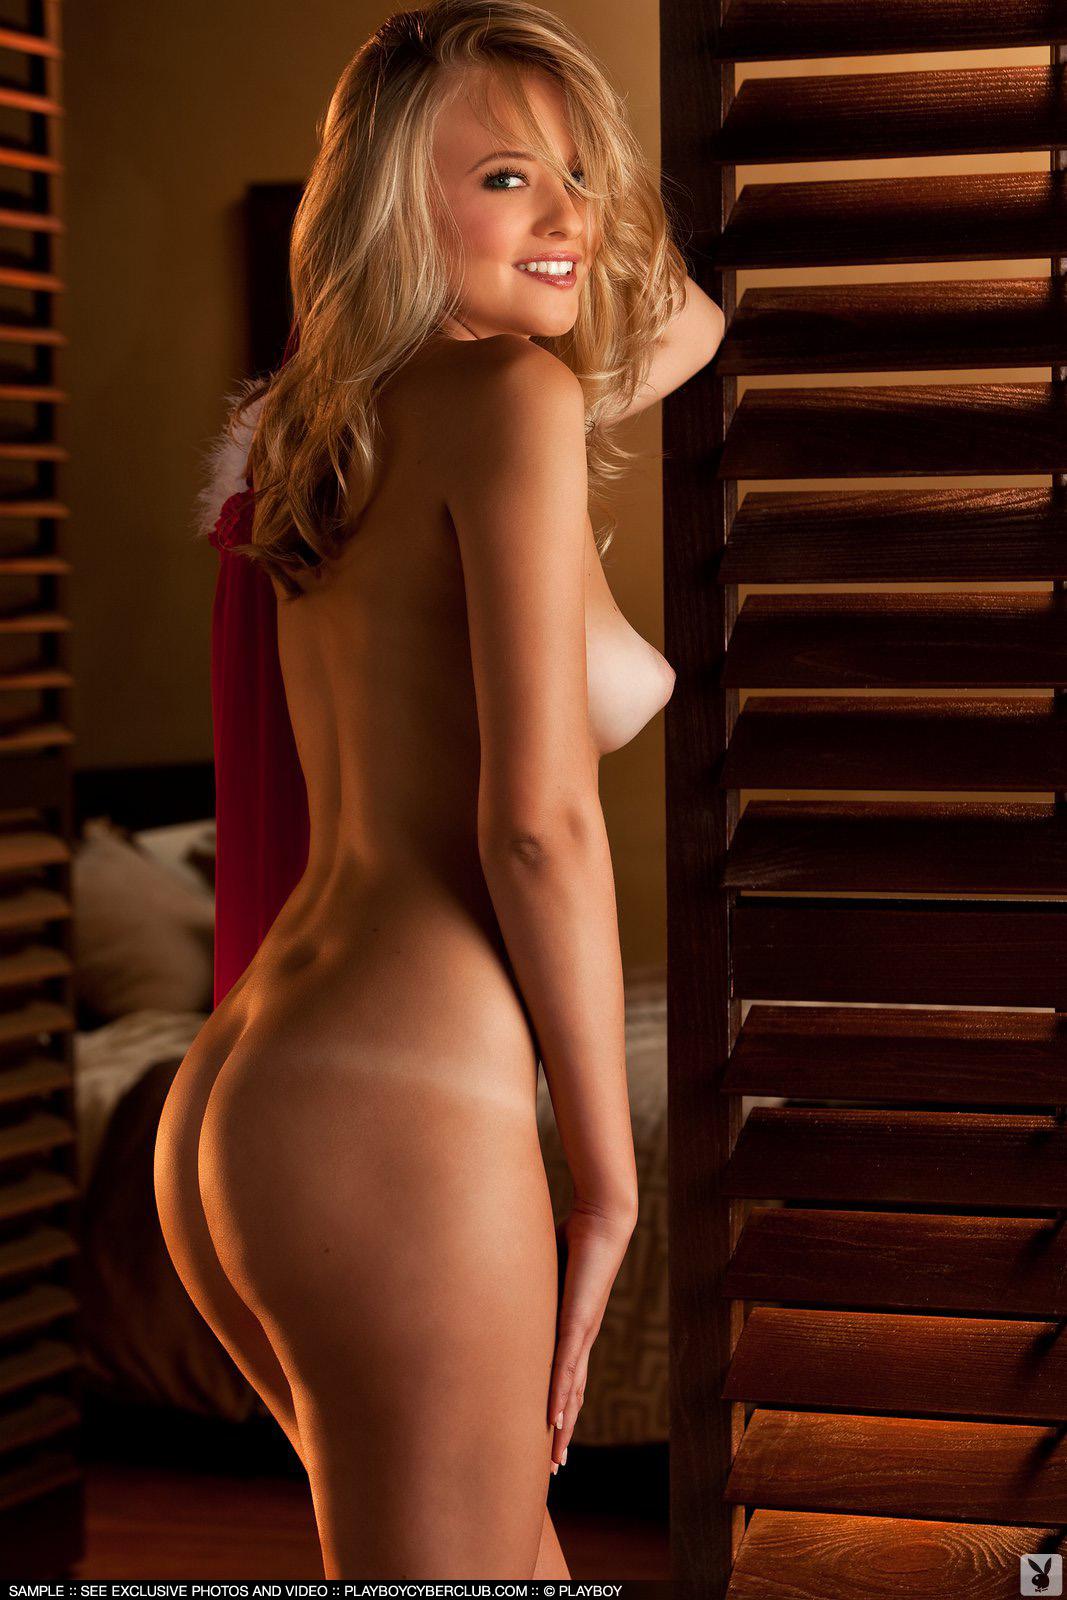 Ashly hobbs nude playmate december